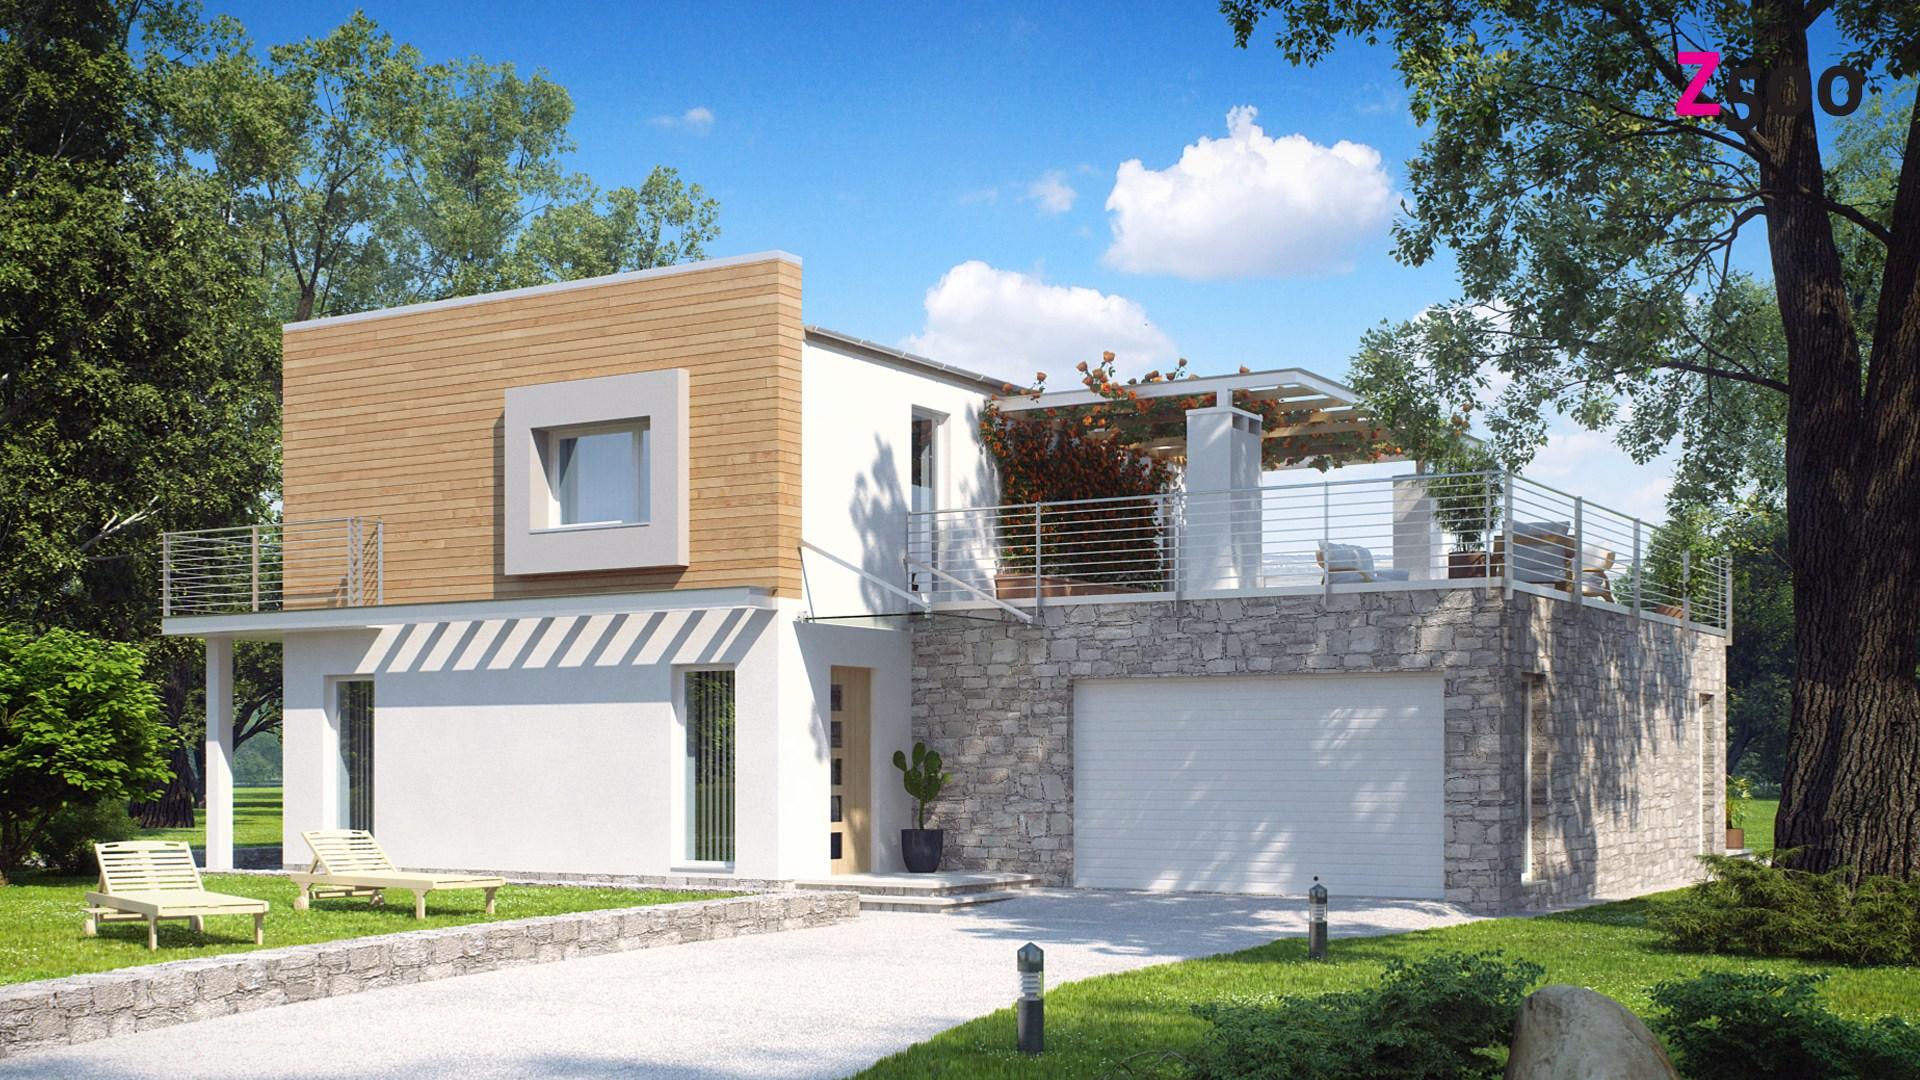 Проект дома zx3 двухэтажный дом с гаражом.